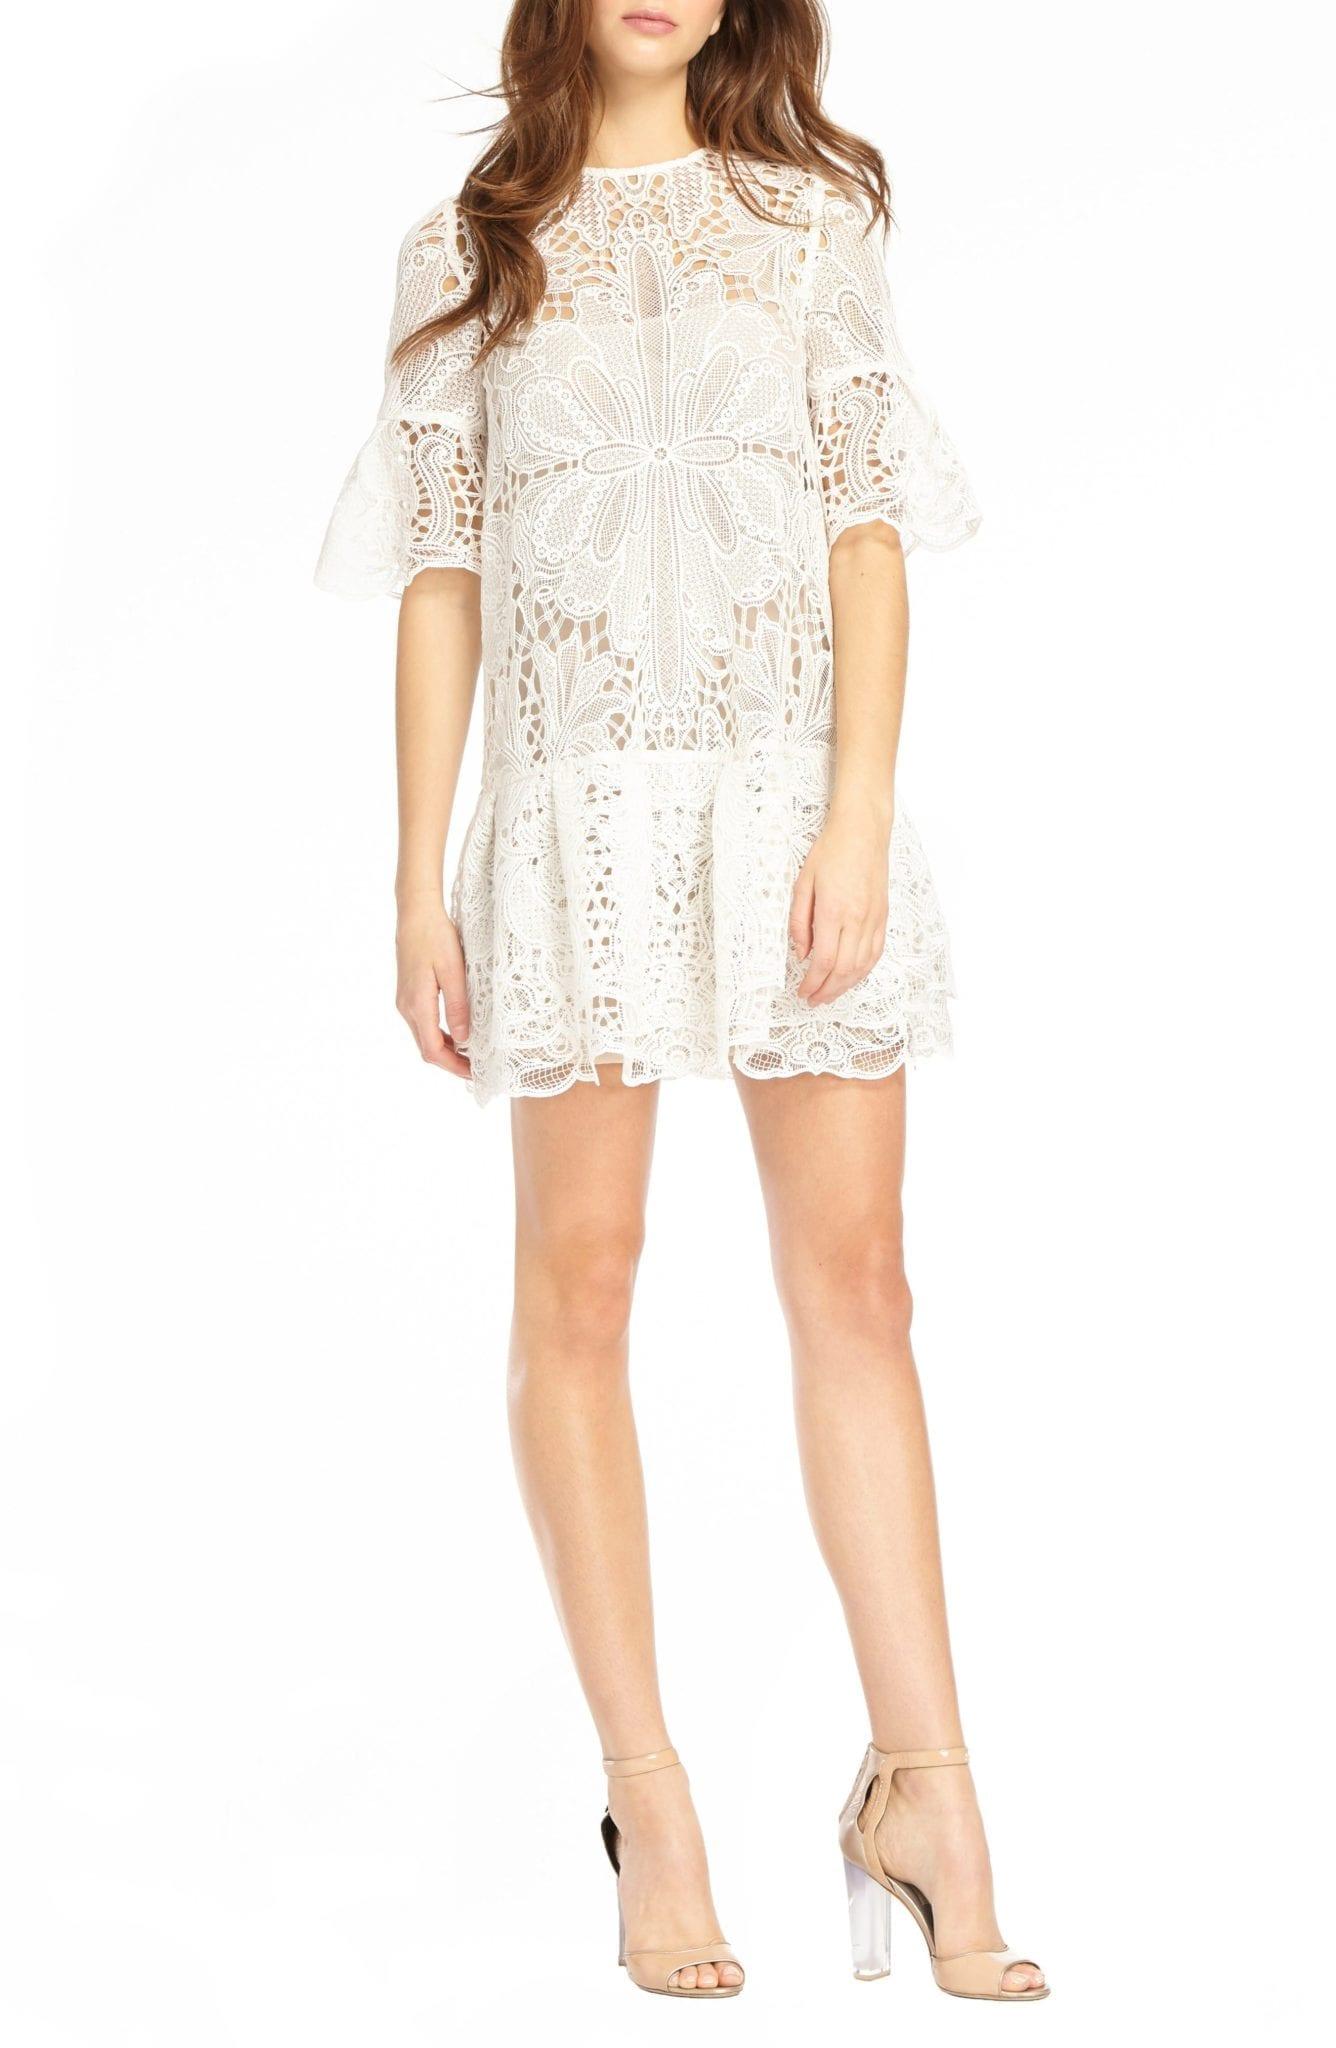 ML MONIQUE LHUILLIER Lace & Ruffle Shift White Dress